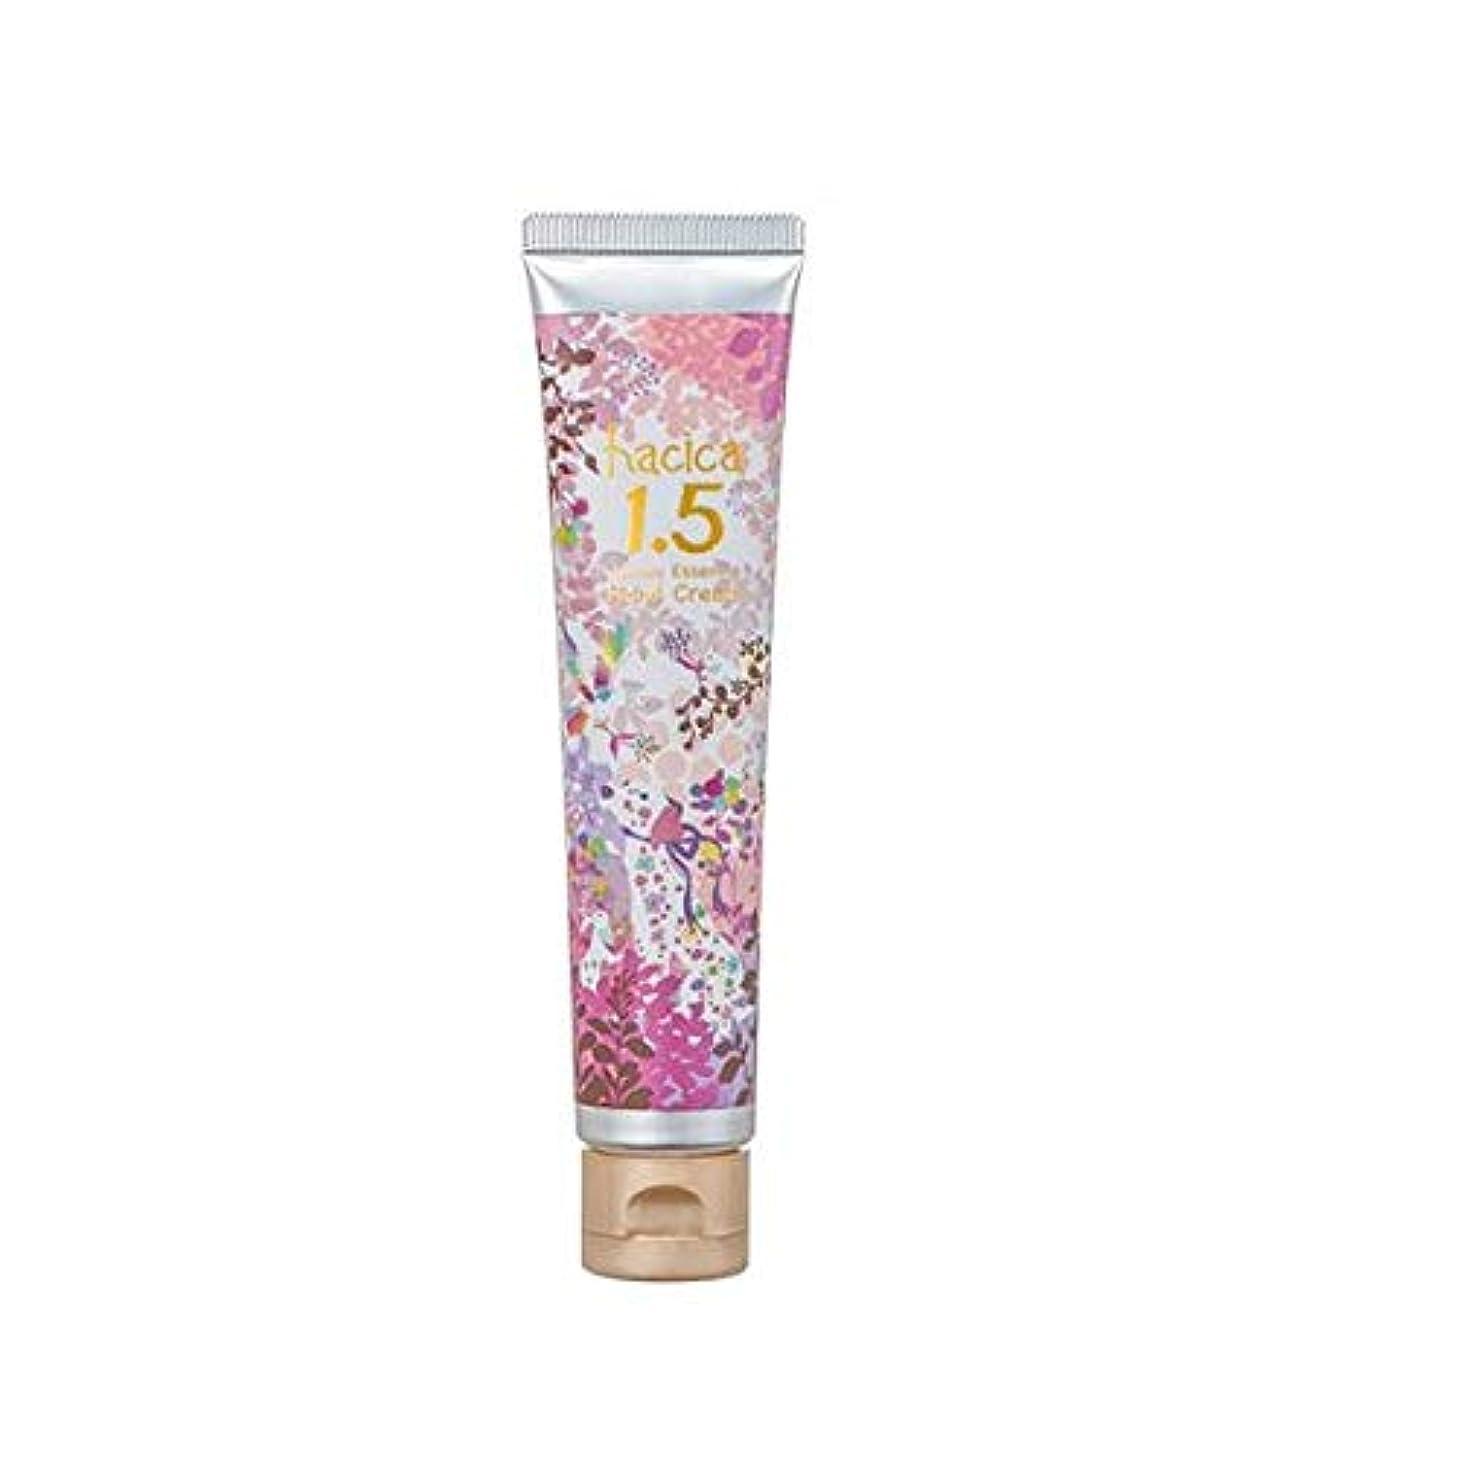 ロータリークリップ締め切りハチカ ハニーエッセンス ハンドクリーム 1.5 フルーティハニーの香り 40g